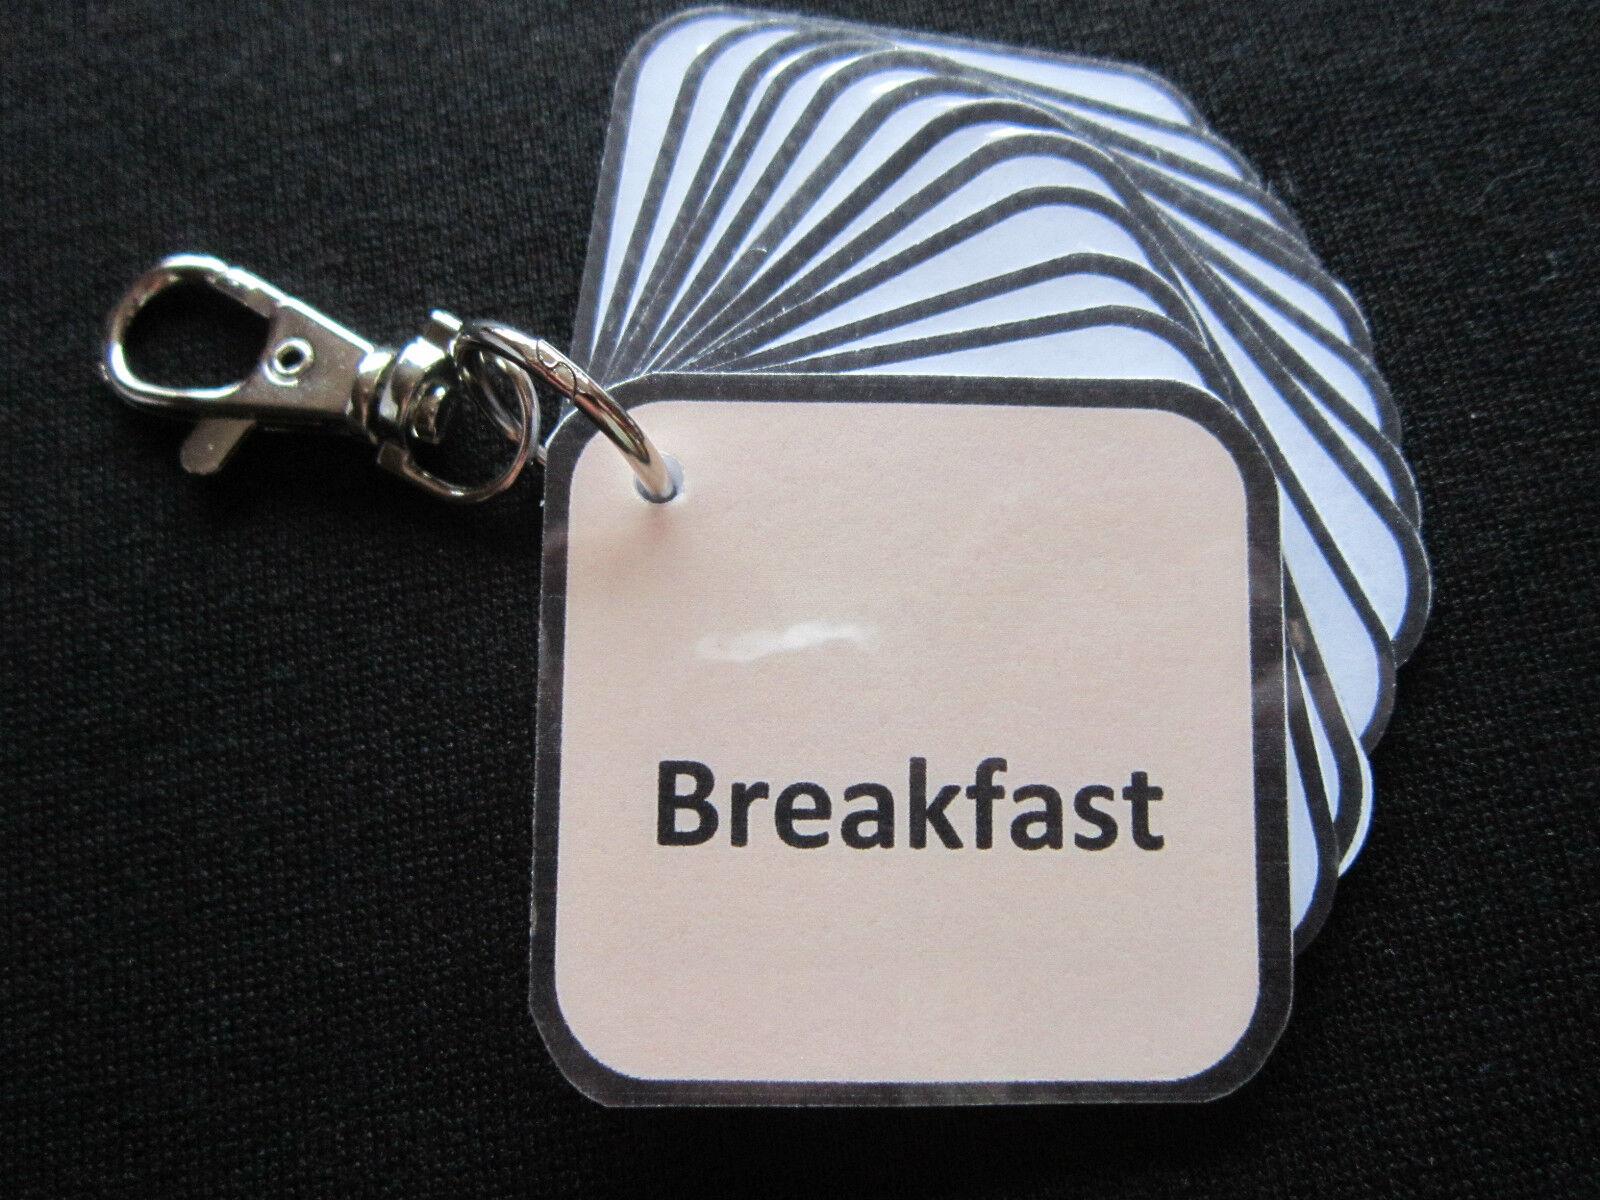 Tarjetas De Desayuno-Autismo Desayuno-Autismo Desayuno-Autismo ADHD pectorales no verbal principios años de ayuda visual demencia easl e487fc